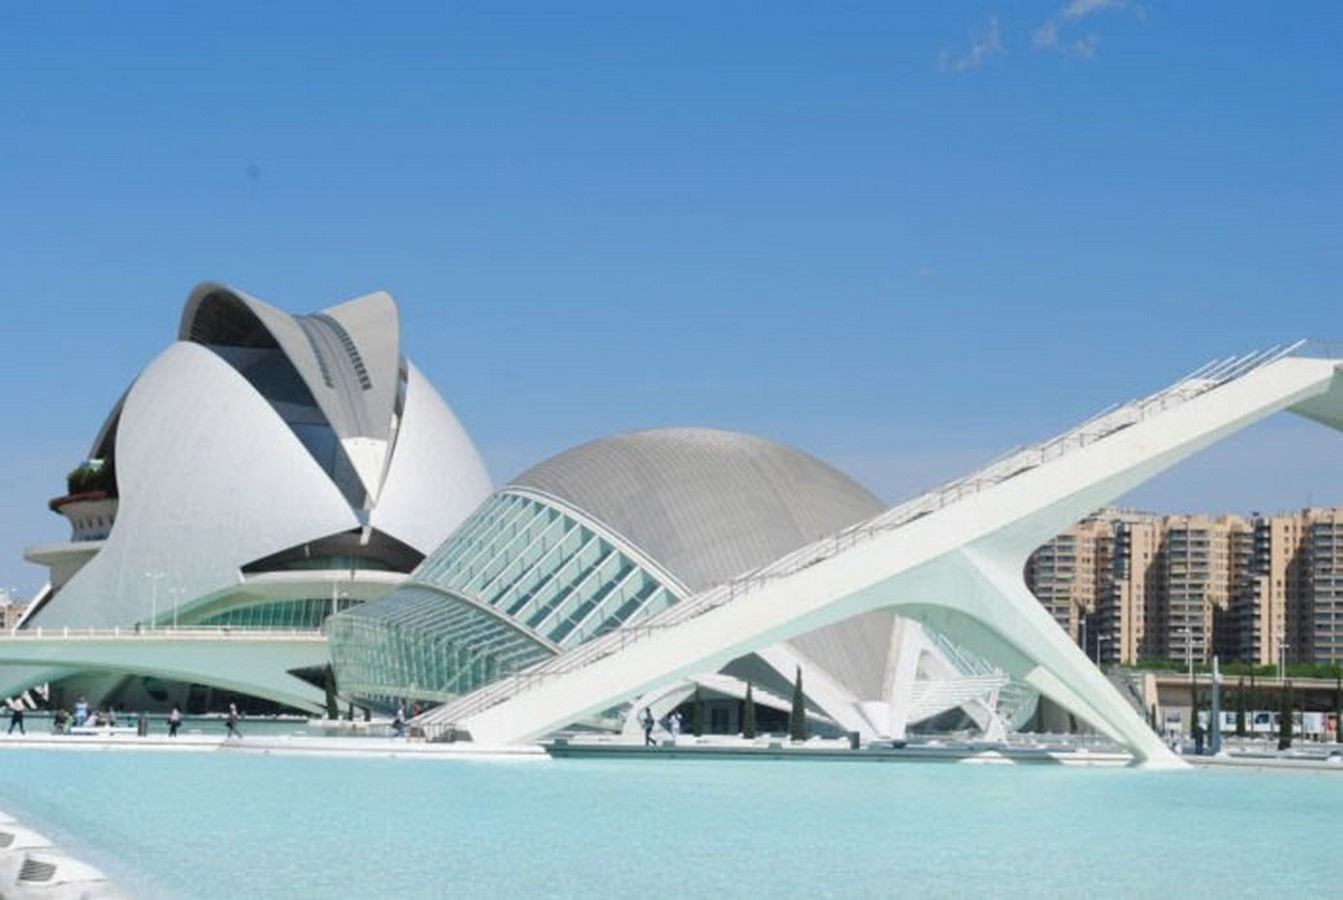 Understanding the design philosophy of Santiago Calatrava - Sheet5